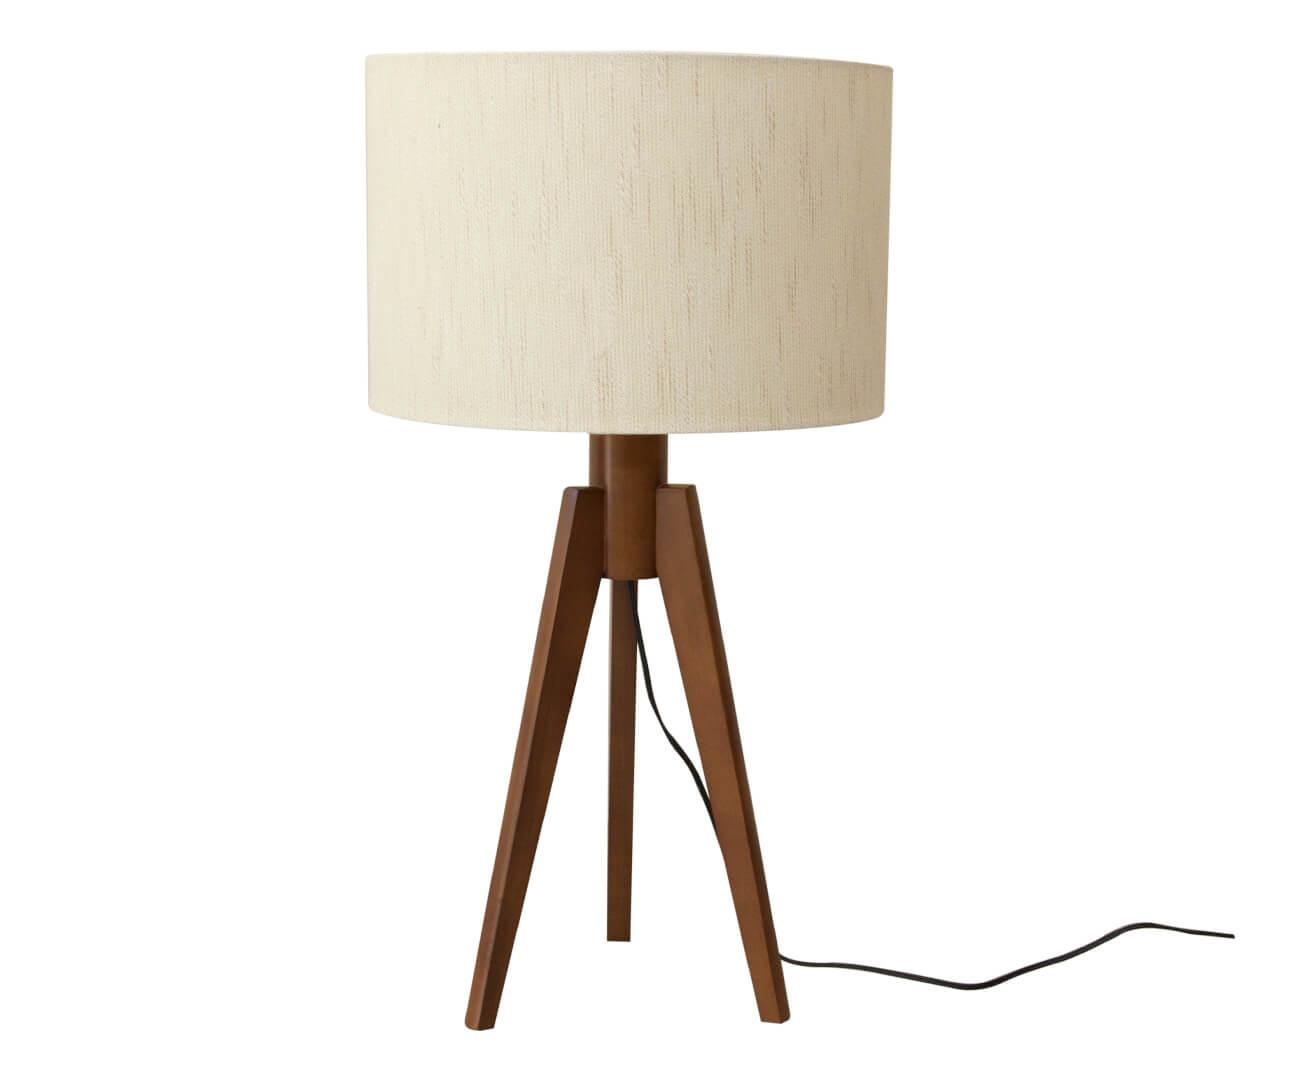 luminária de mesa em madeira tripé 1001